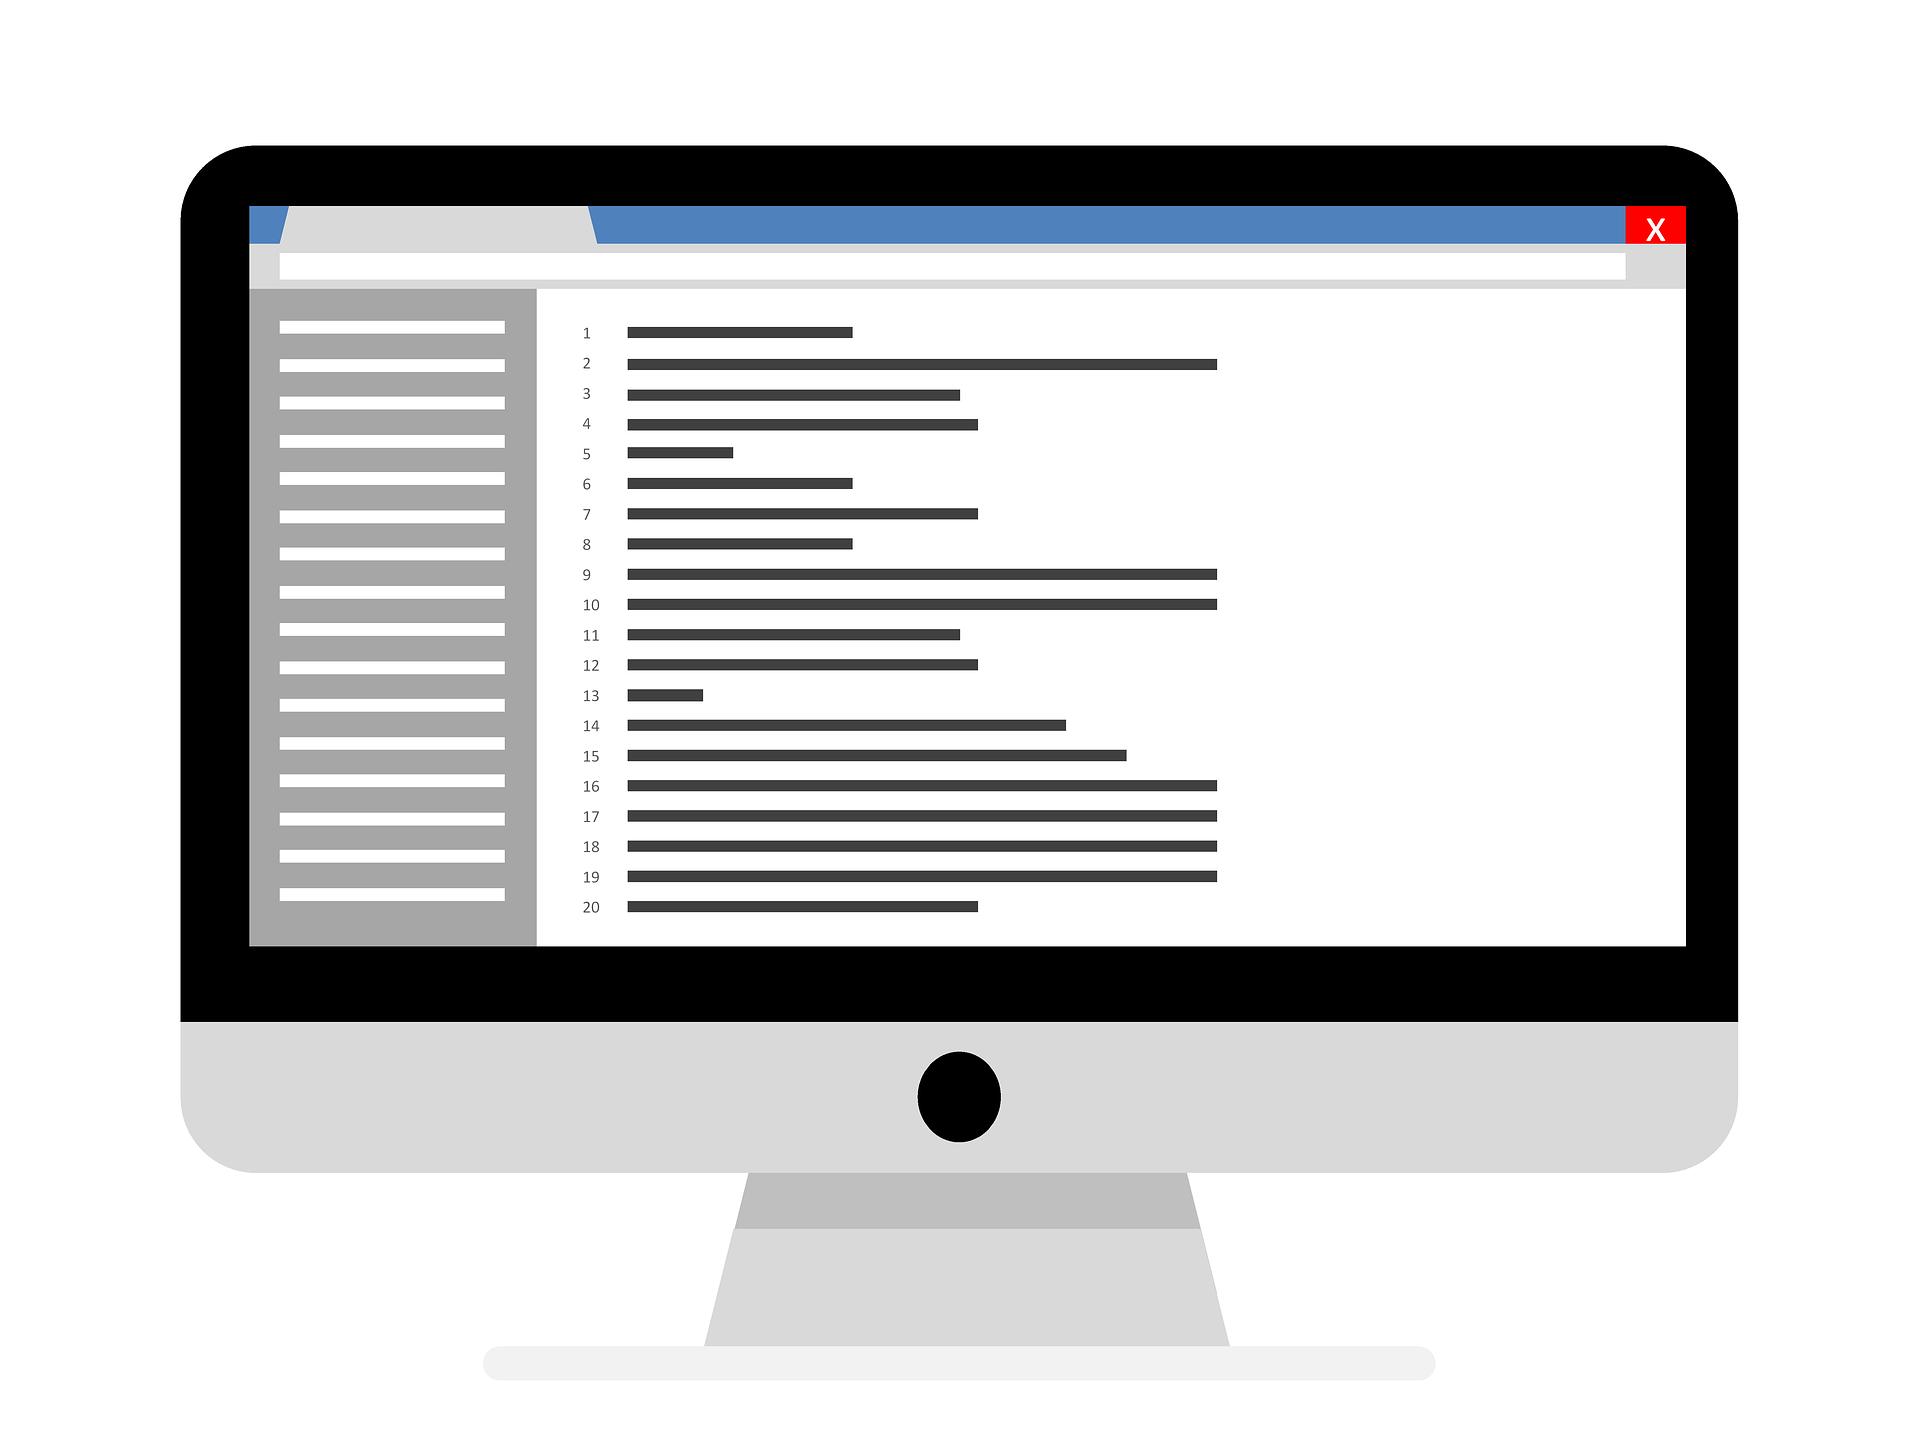 [備忘録] htmlにおけるメッセージ展開のプログラム